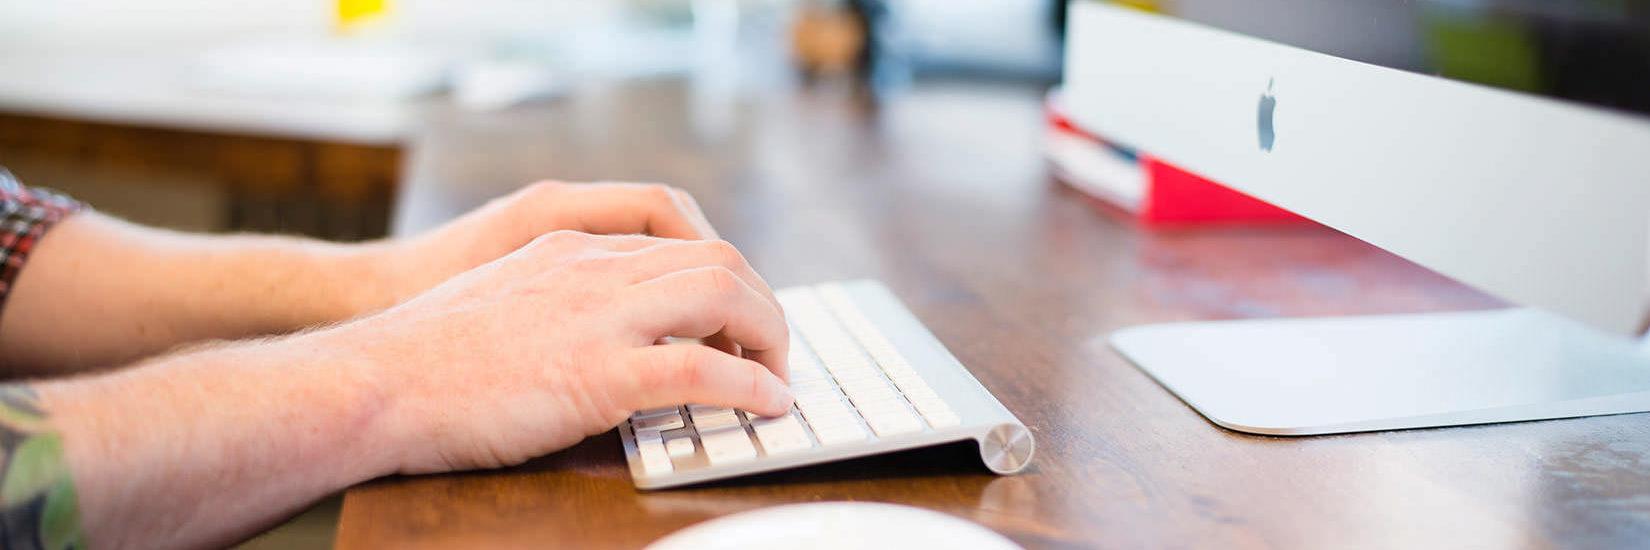 Casino-en-ligne-le-secteur-attire-les-developpeurs-web.jpg